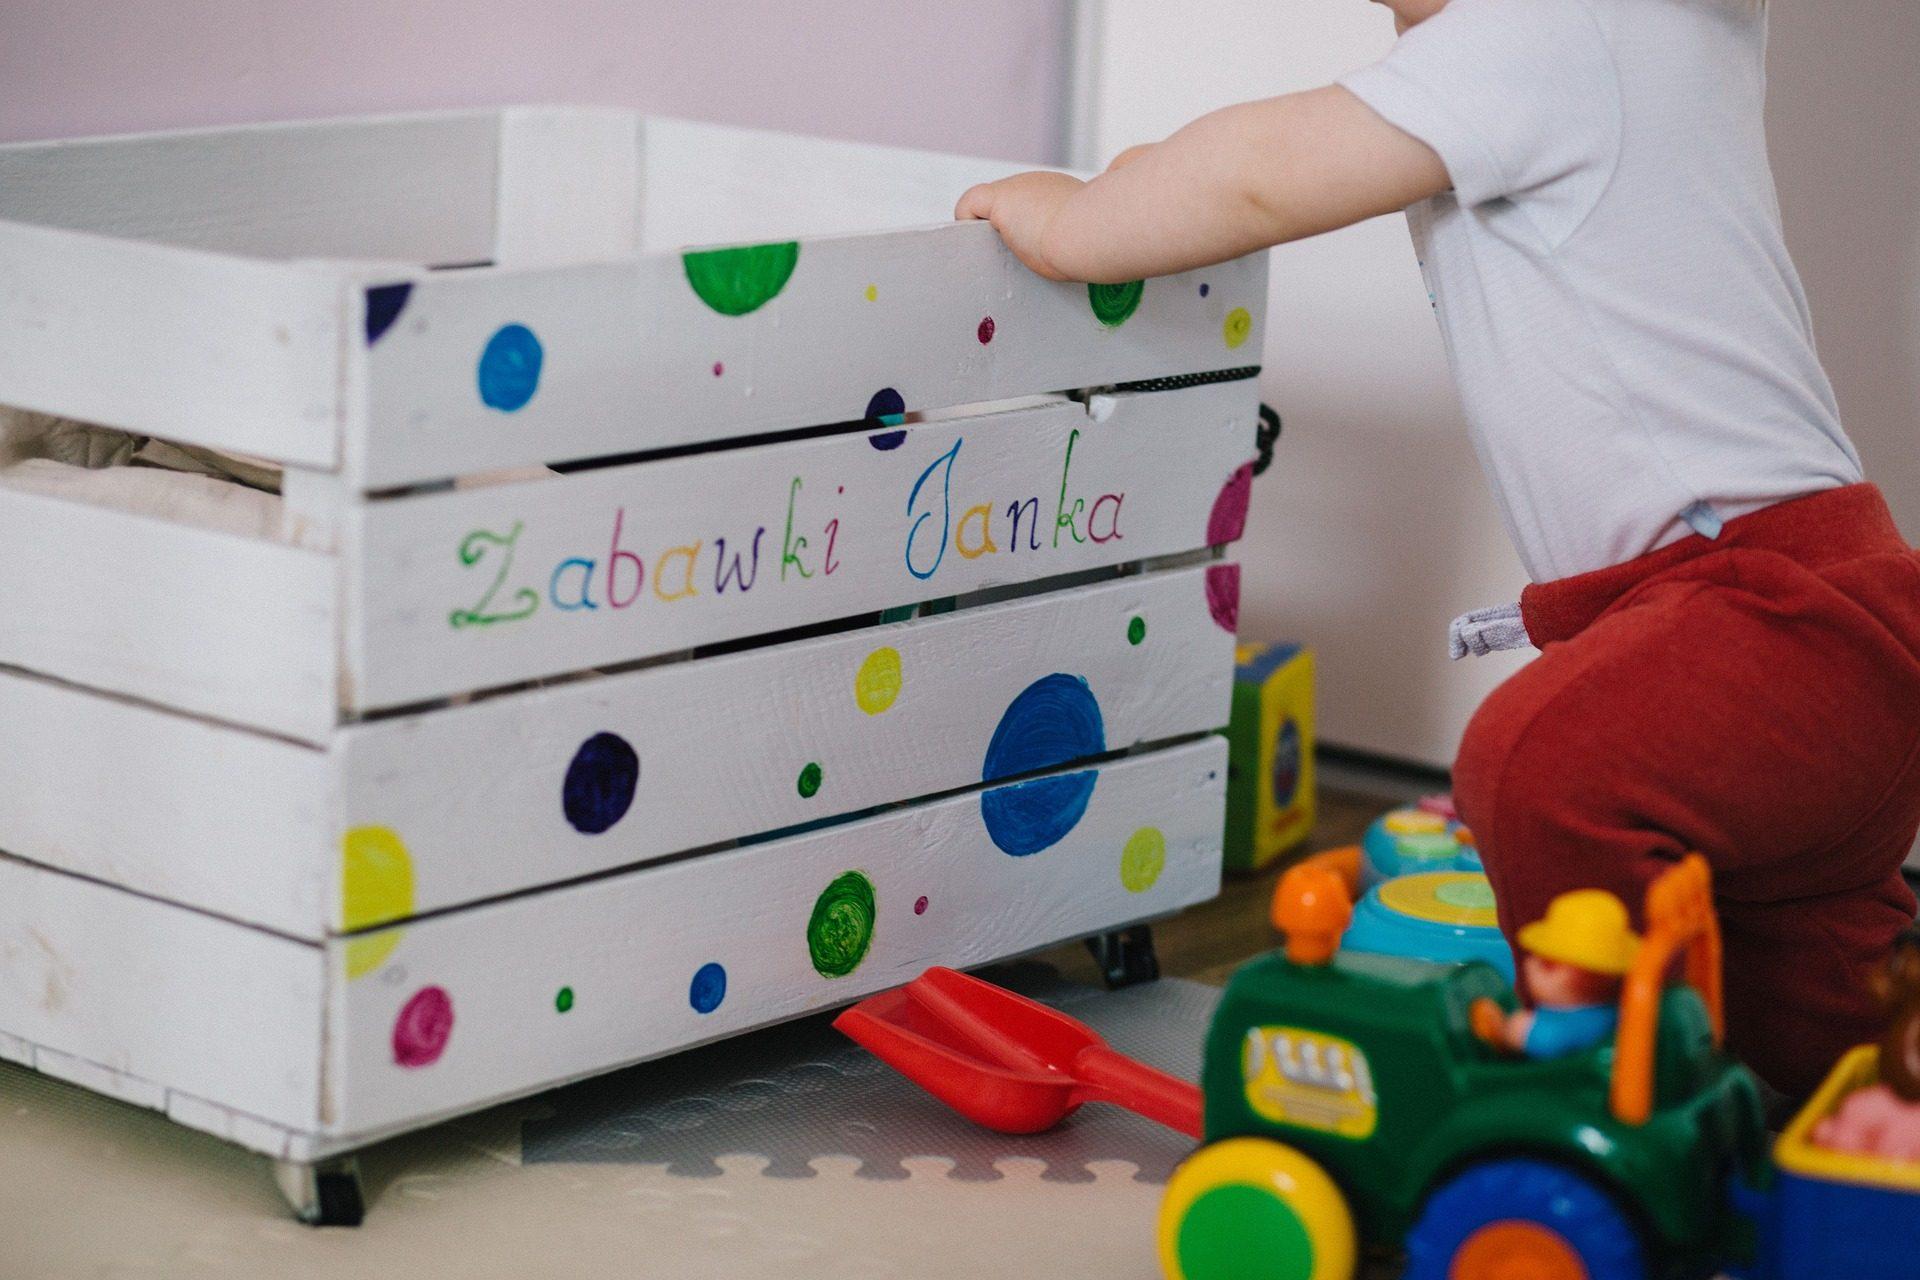 tiroir, jouets, jeu, enfant, coloré - Fonds d'écran HD - Professor-falken.com